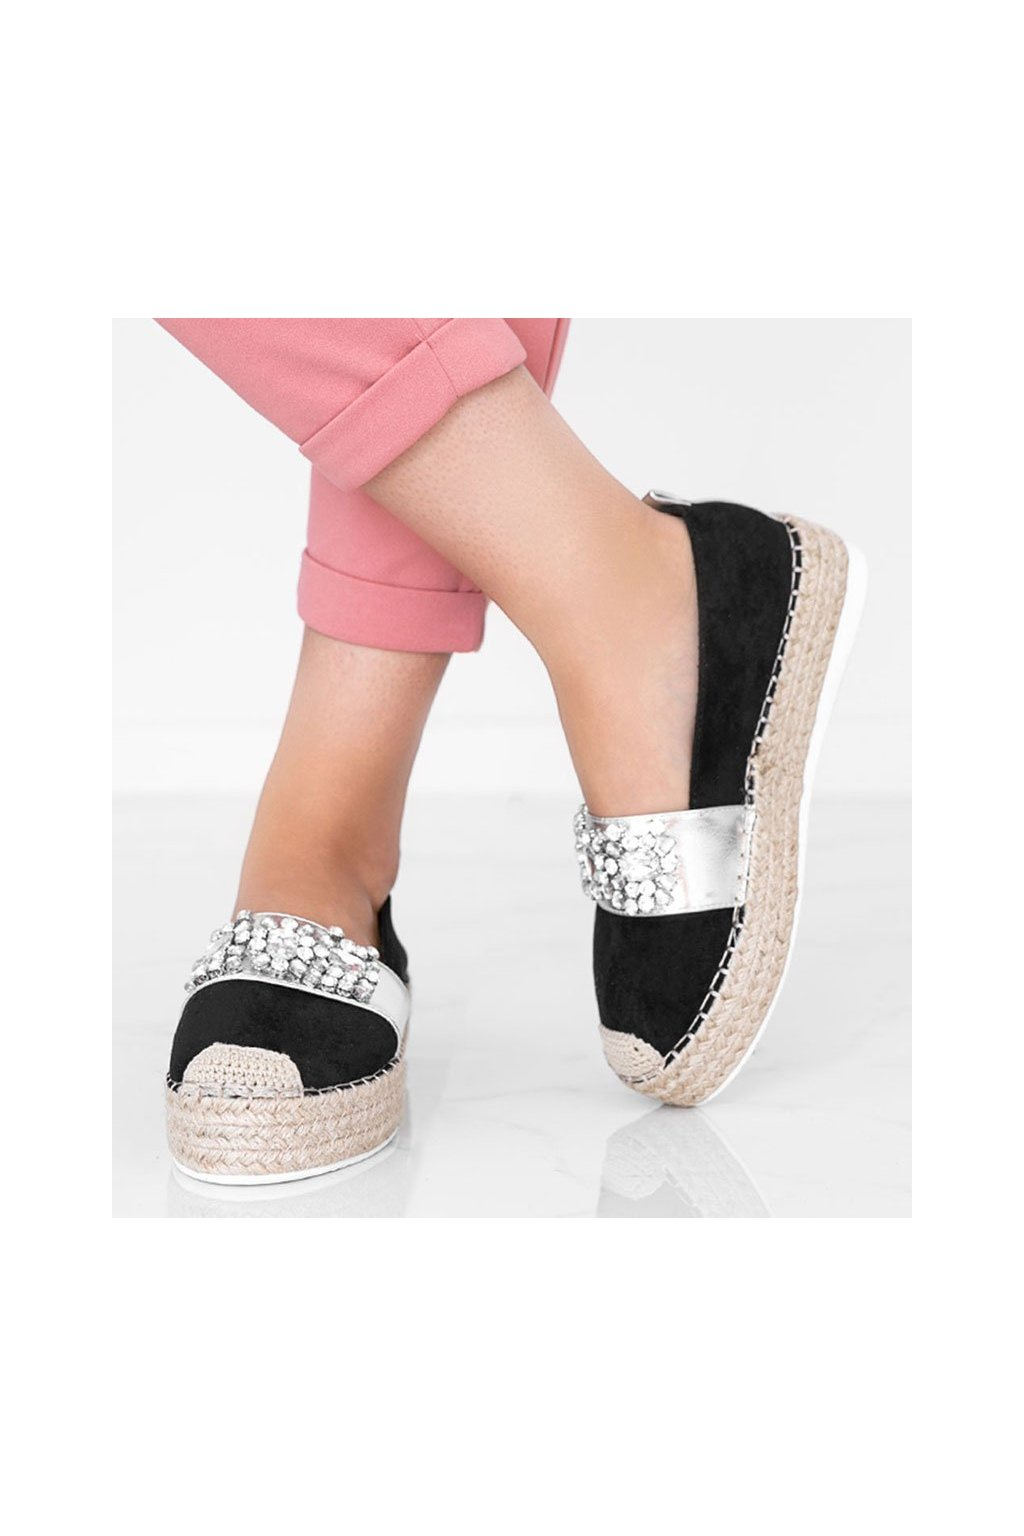 Dámske topánky espadrilky sivé kód L183M0-1 - GM